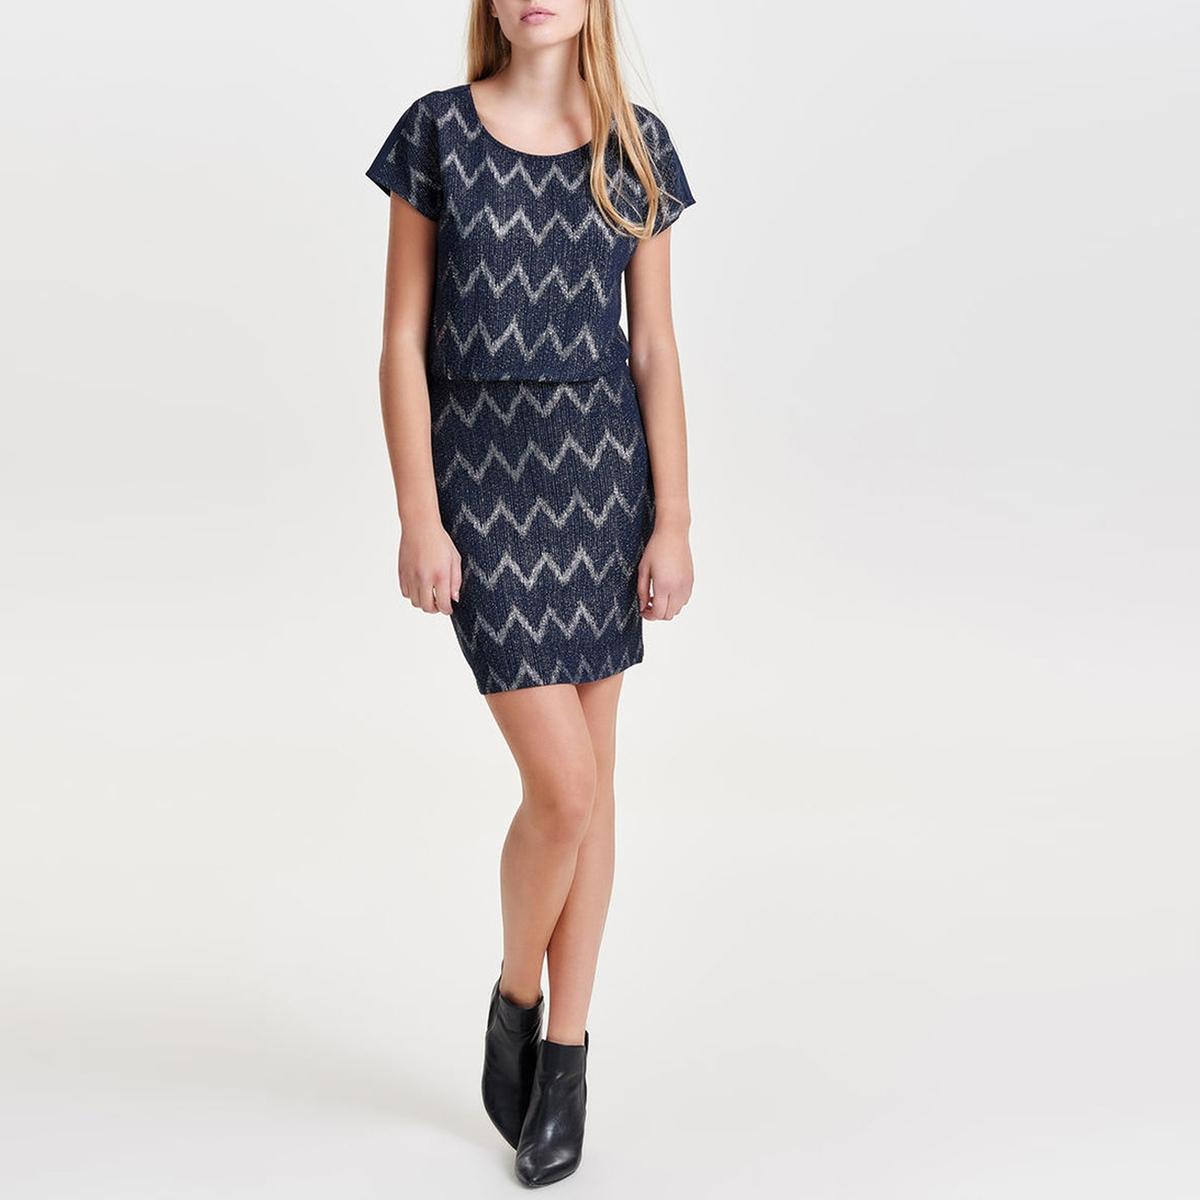 Платье  спринтом ZIVA DRESS JRSПлатье ZIVA DRESS JRS от ONLY . Платье прямого покроя. Короткие рукава. Круглый вырез. Геометрический зигзагообразный принт золотистого цвета. Состав и описание :Материал : 92% полиамида, 8% эластана. Марка : ONLY.<br><br>Цвет: темно-синий,черный